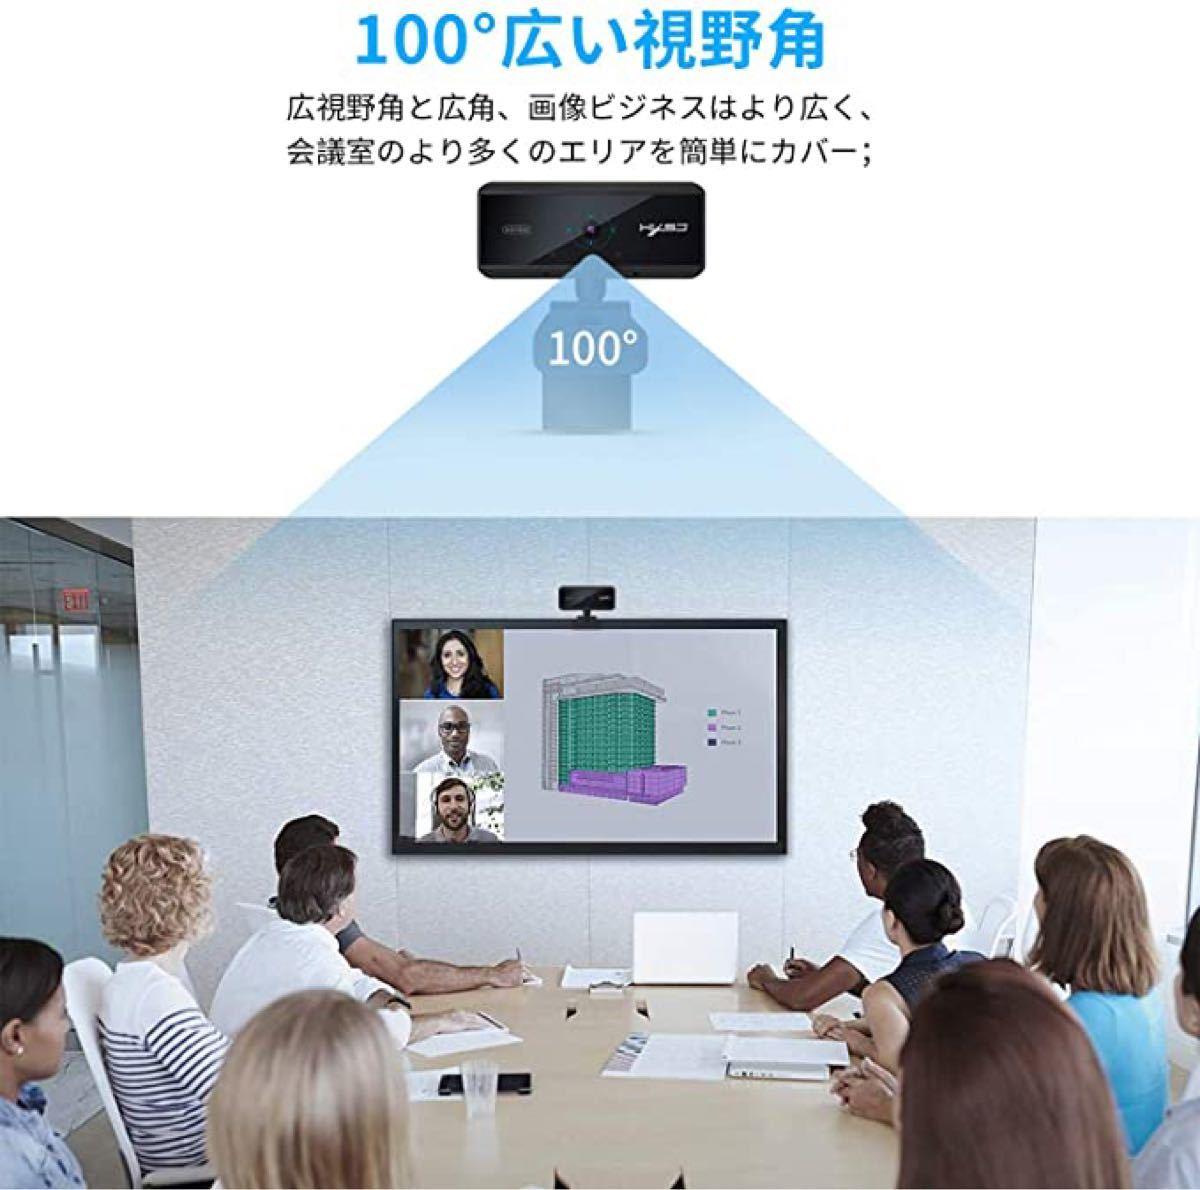 ウェブカメラ Webカメラ フルHD500万画素 高画質 マイク内蔵 三脚対応